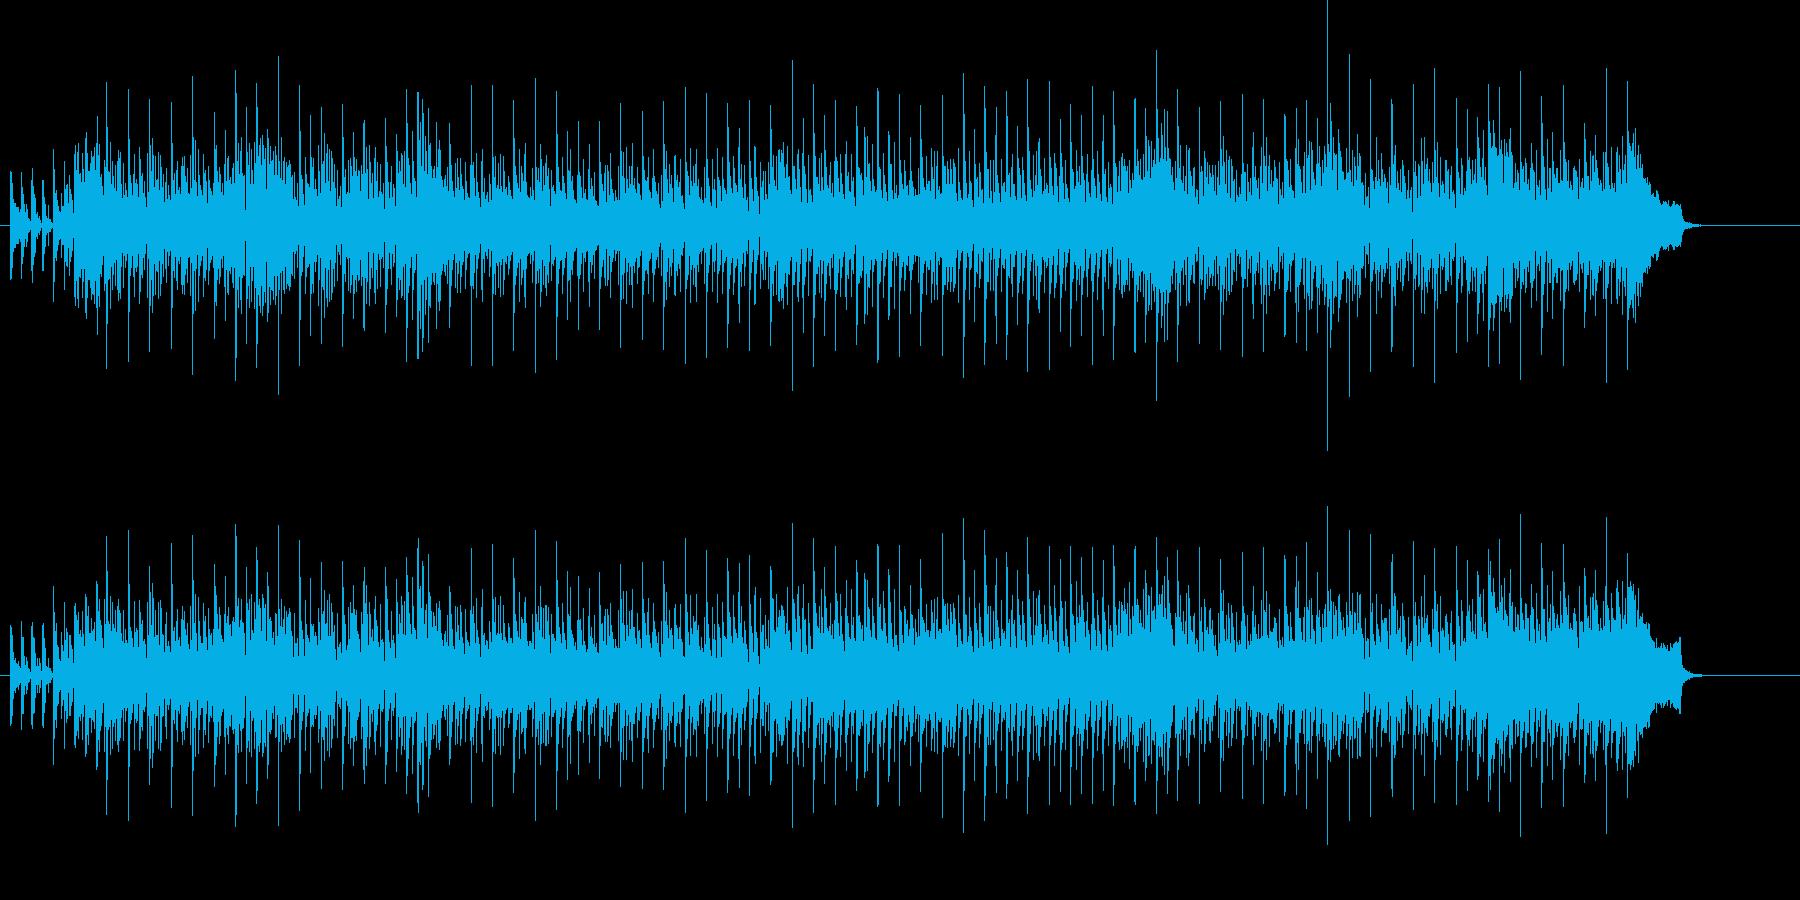 甘く伸びやか チープなユーロ・ビート風の再生済みの波形